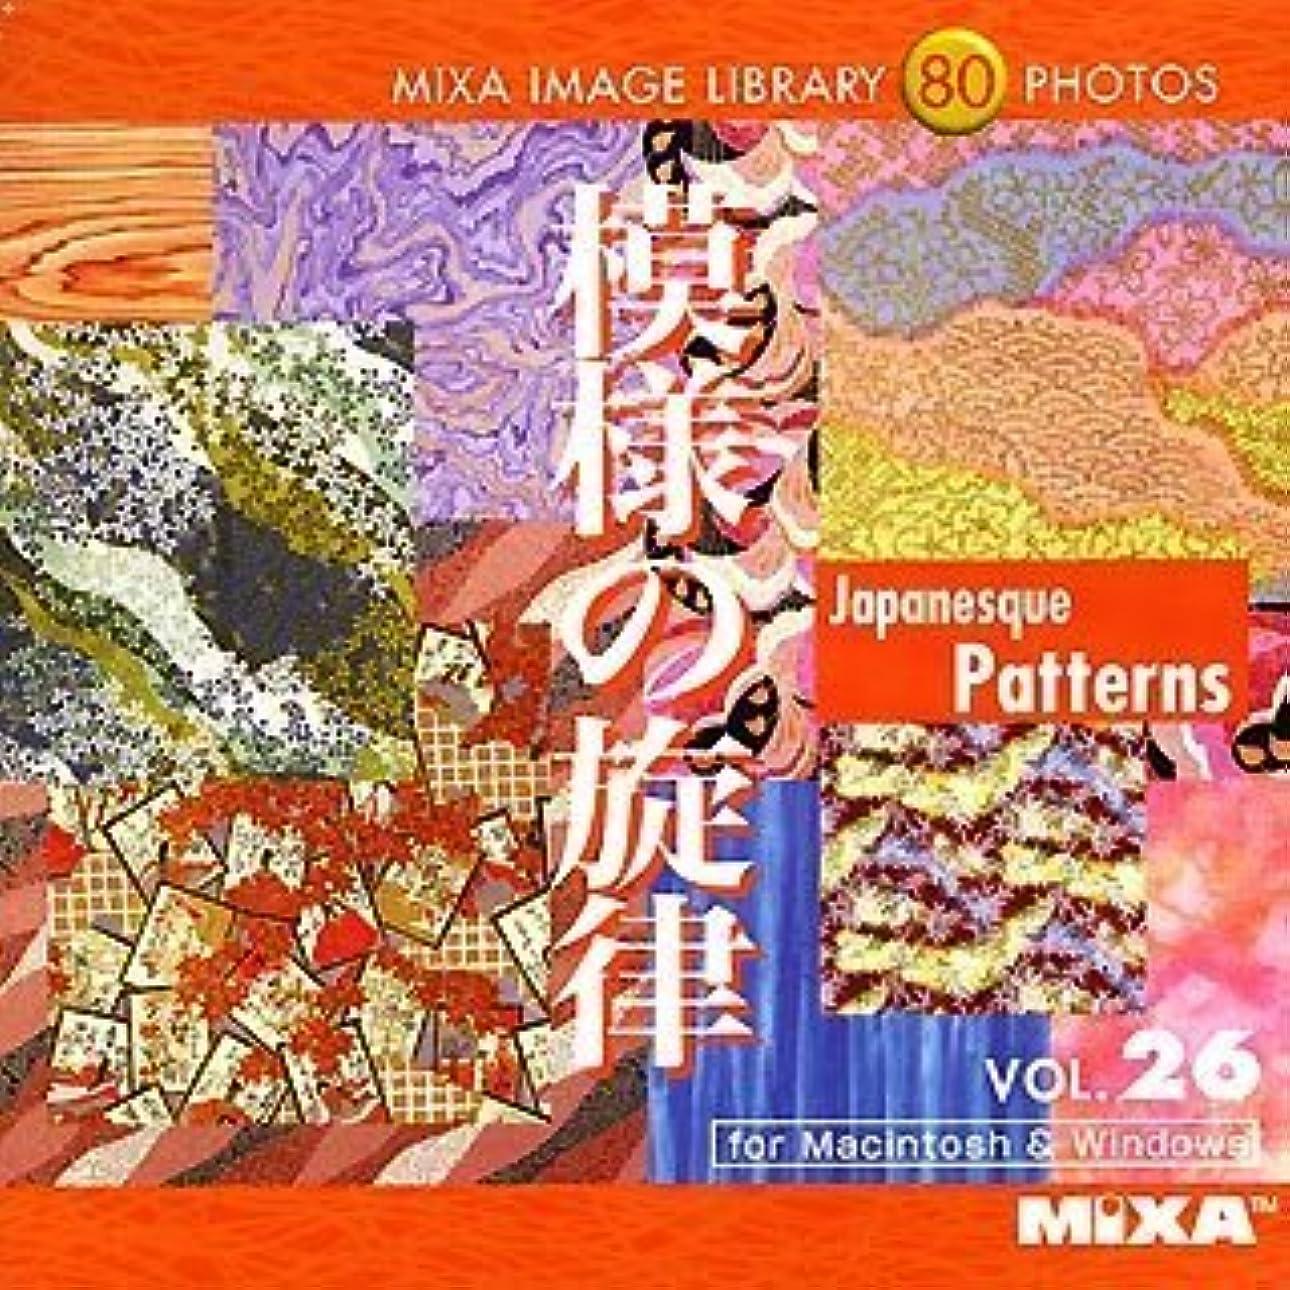 引き付けるポンドなぜならMIXA IMAGE LIBRARY Vol.26 模様の旋律